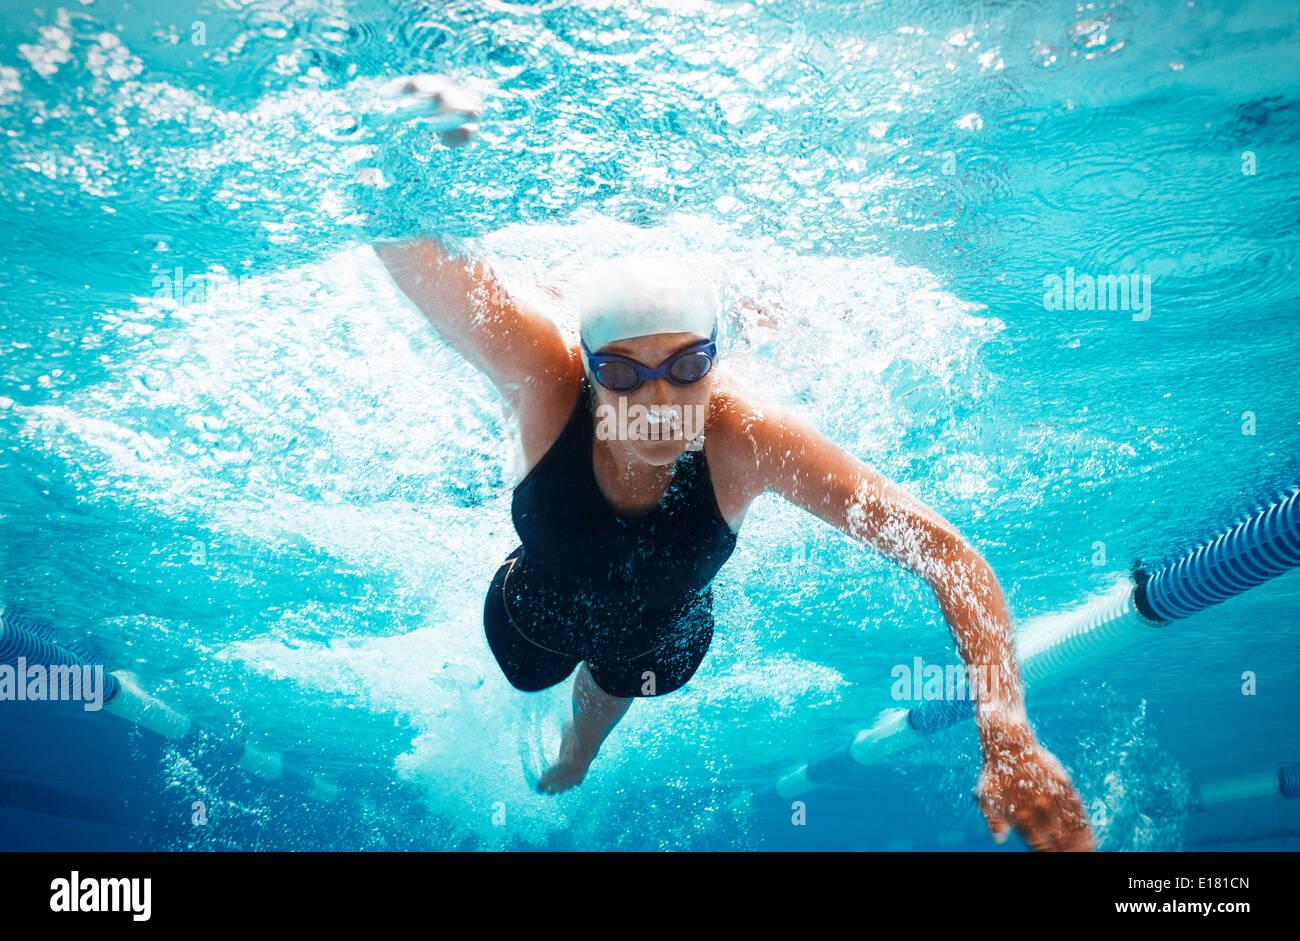 Schwimmer im Pool racing Stockbild